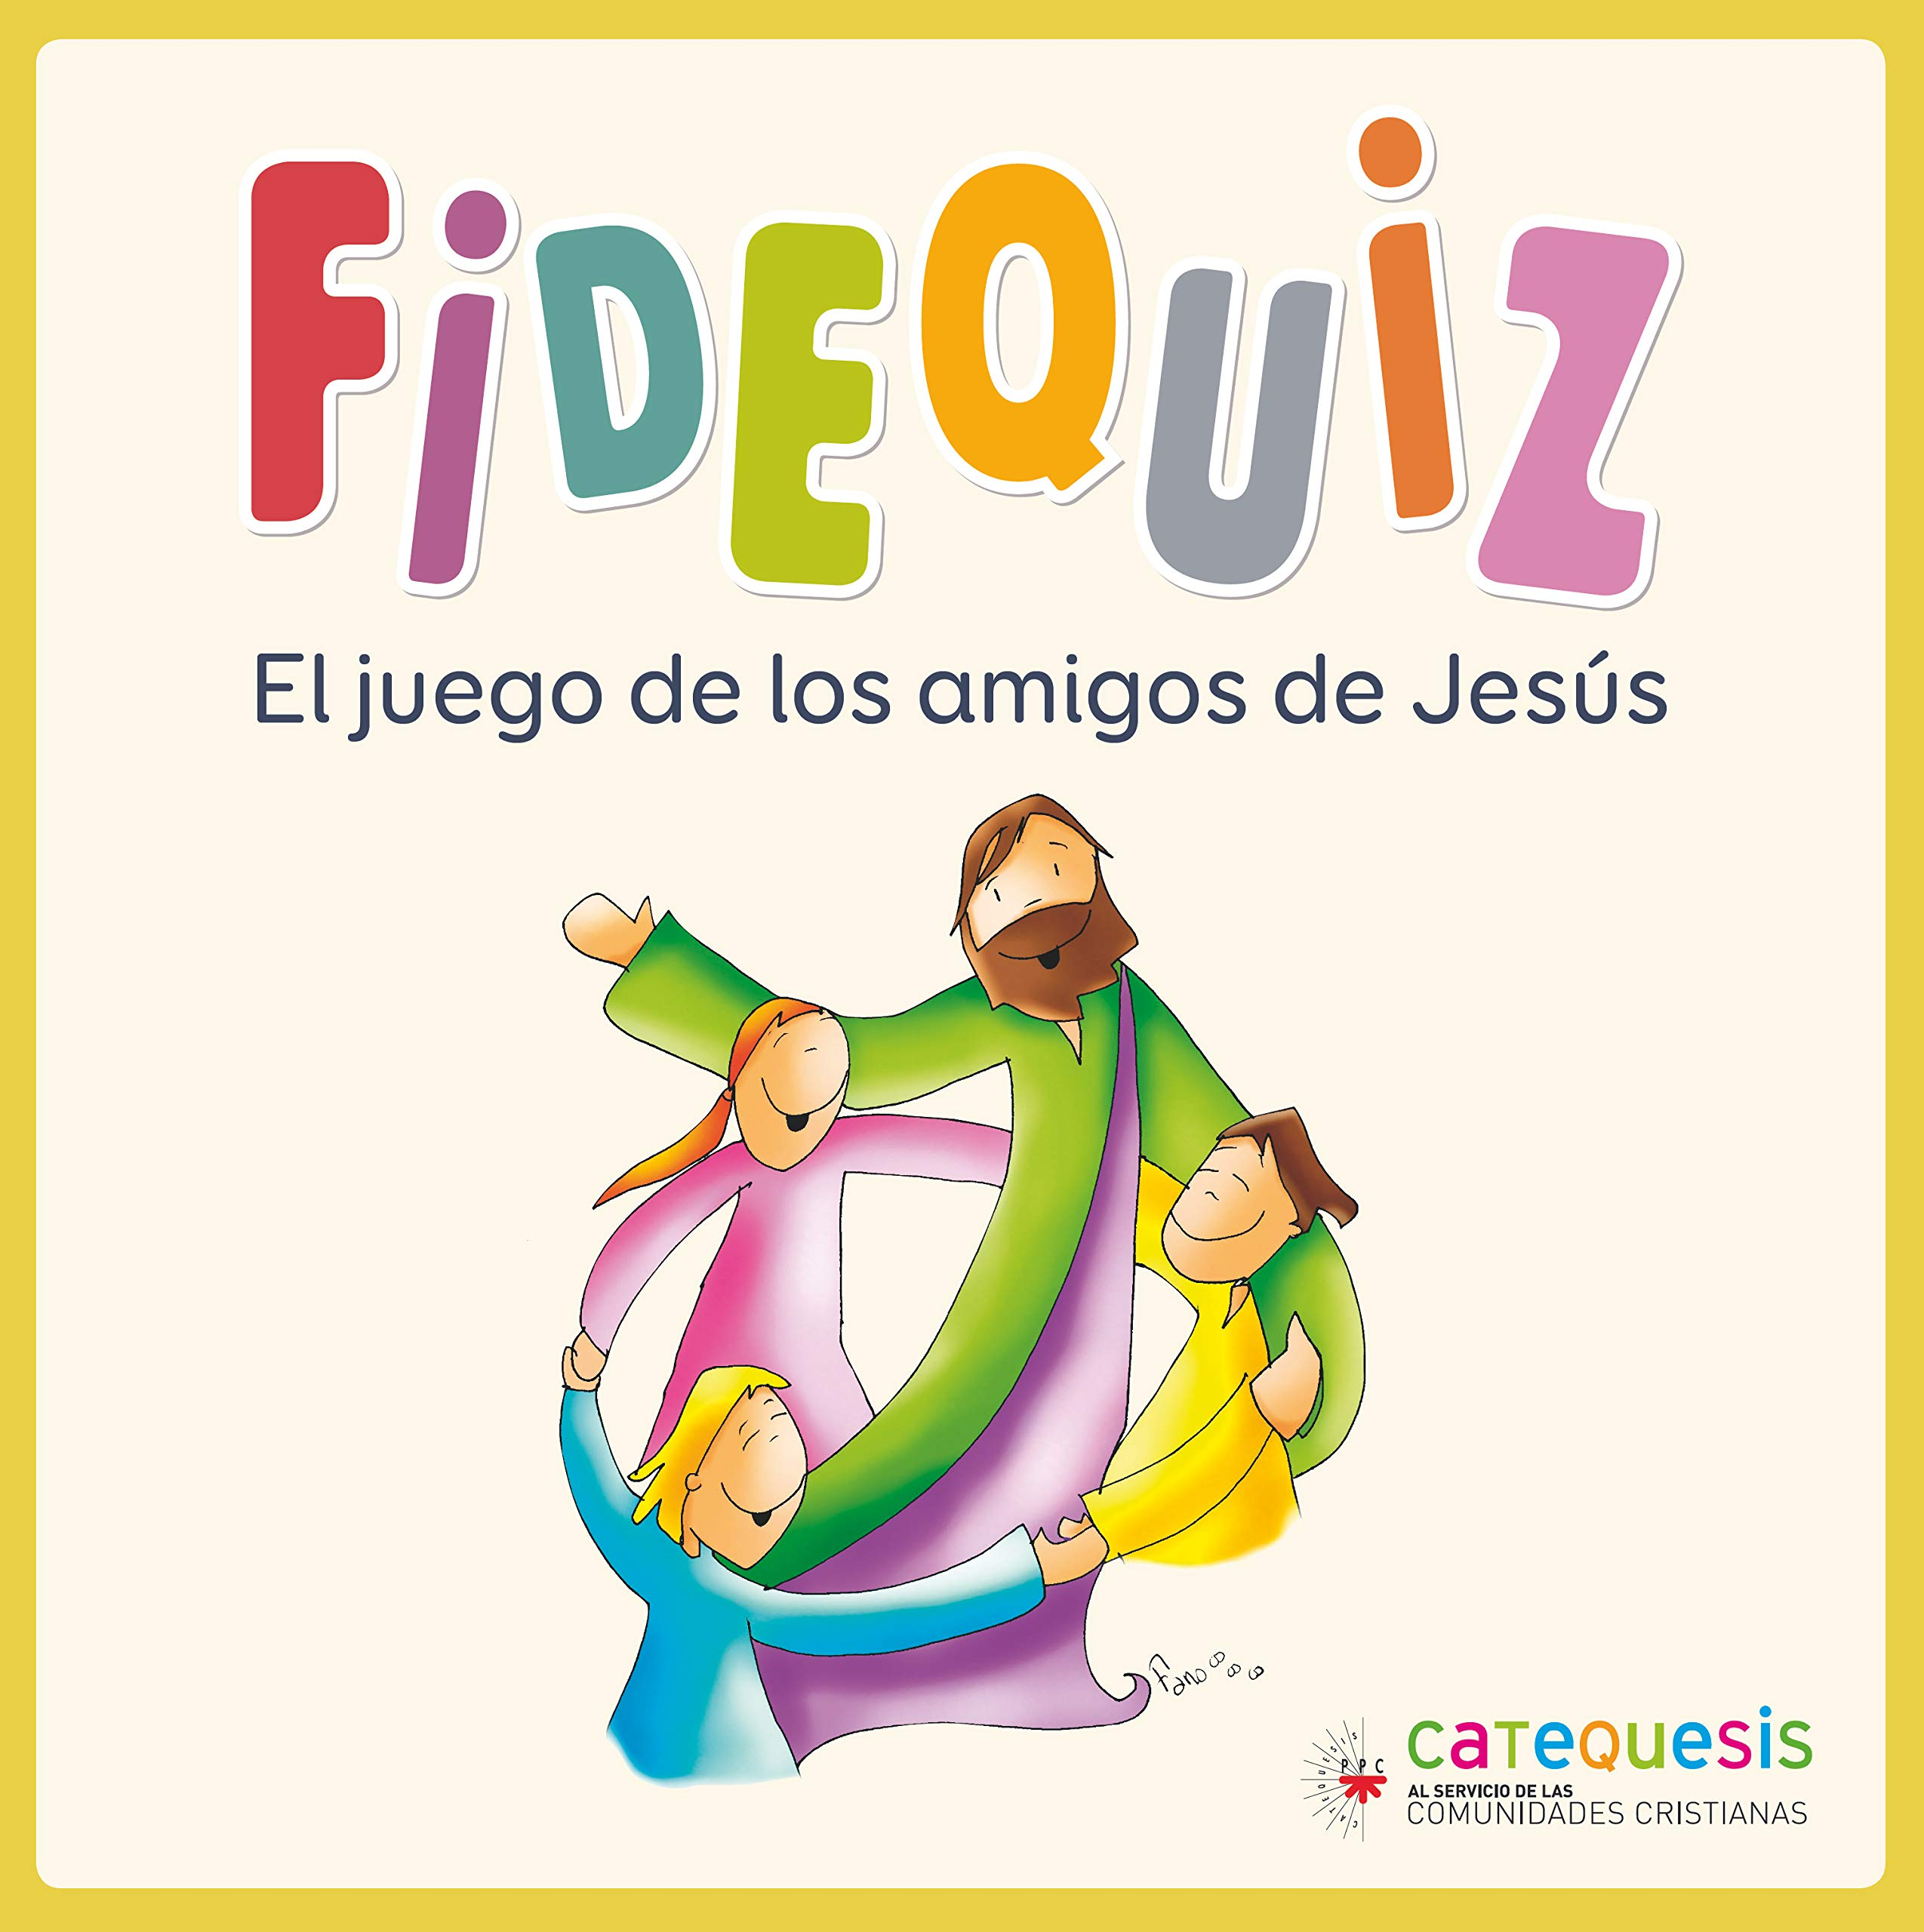 Fidequiz: El juego de los amigos de Jesús: Amazon.es: Serrano Martín, Iván, Velasco Fano, Francisco Javier, Cervera Cano, Ana: Libros